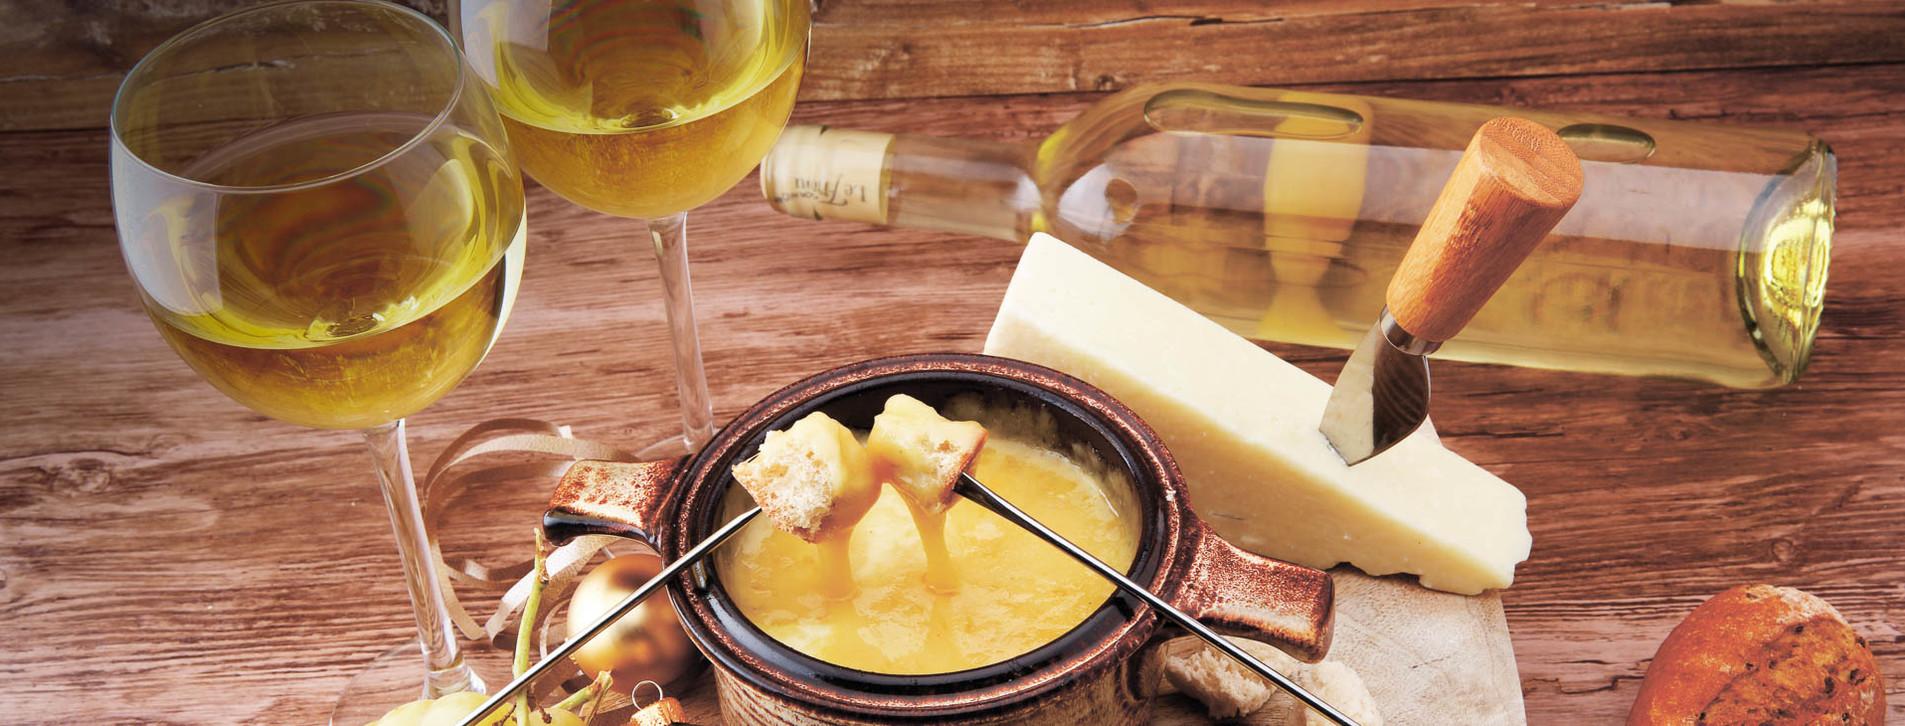 Фото 1 - Вино и фондю для двоих